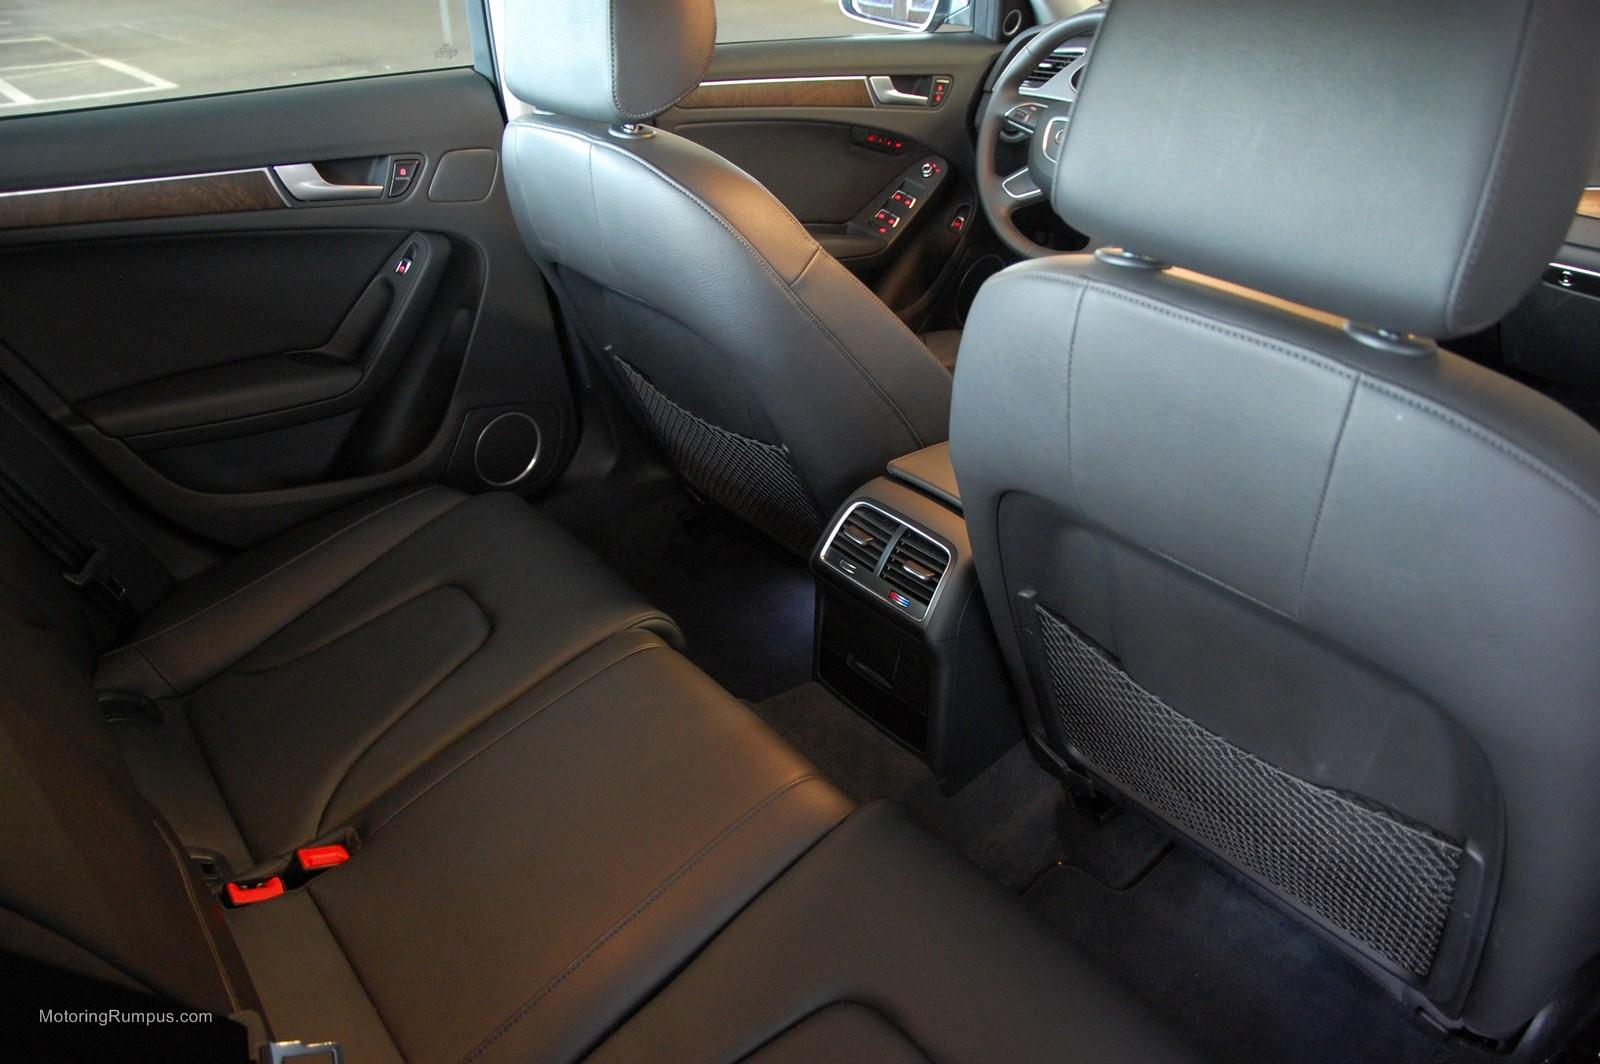 2014 Audi A4 Rear Seats Motoring Rumpus